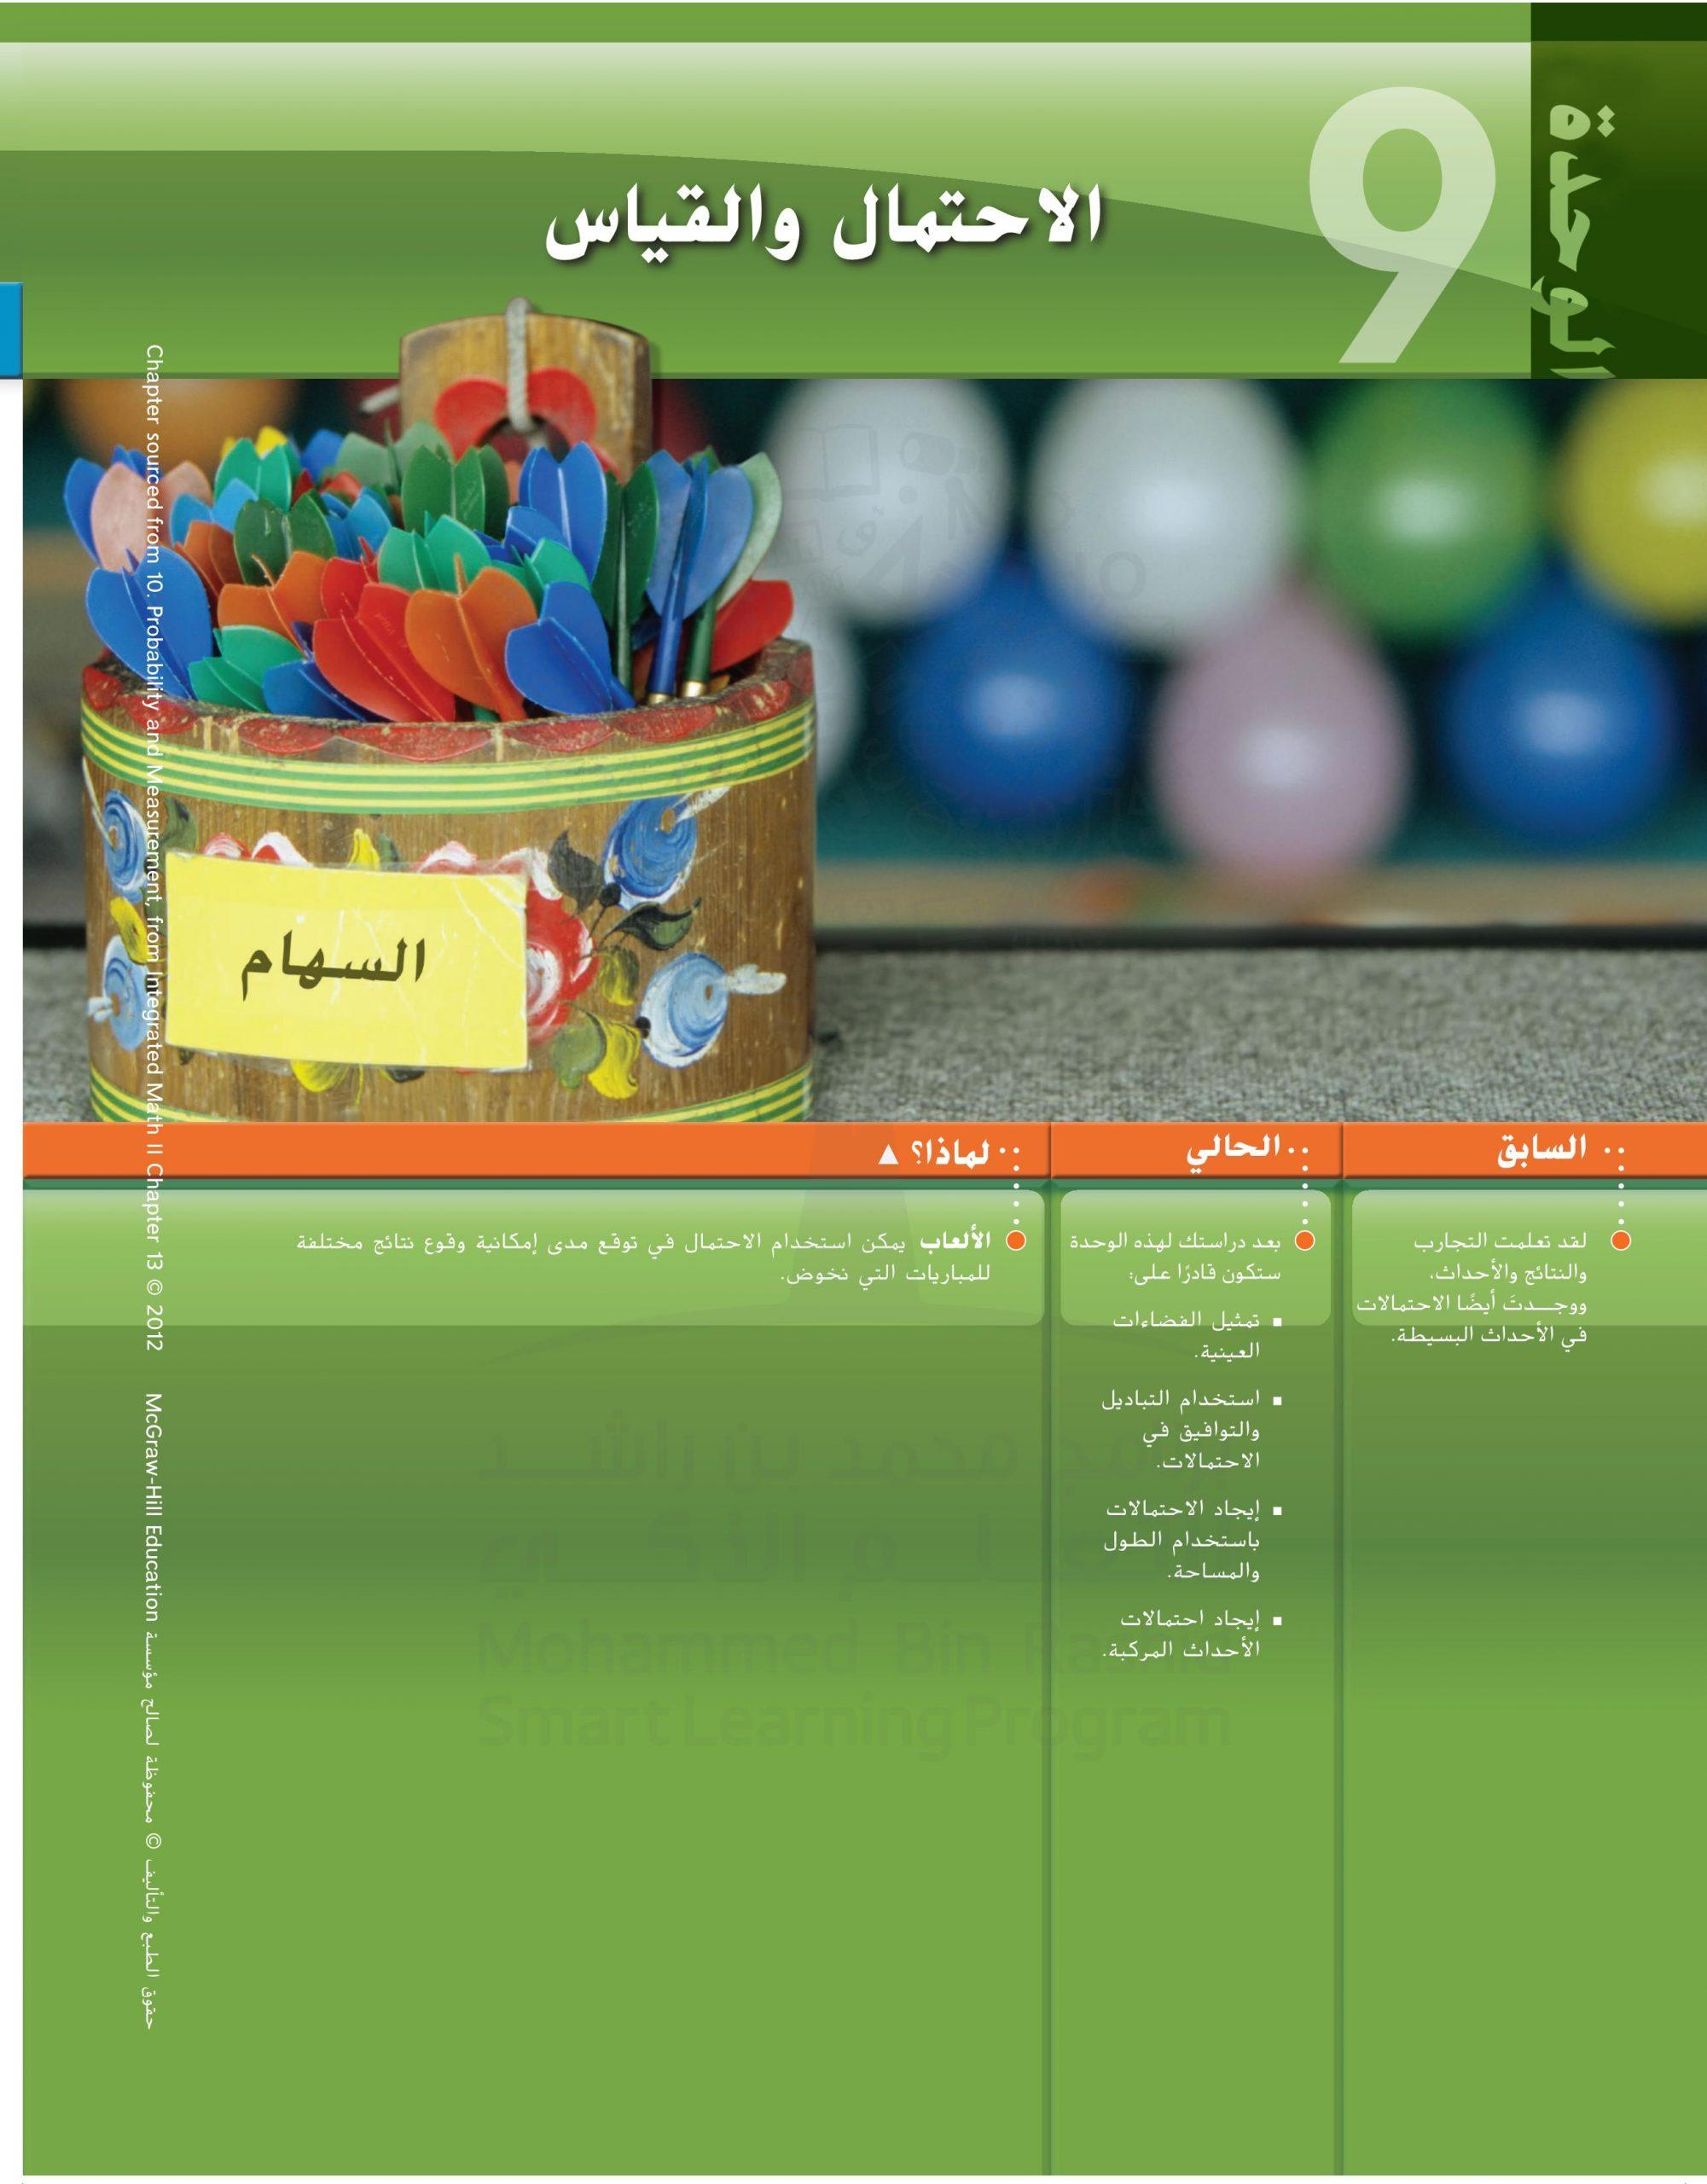 كتاب الطالب وحدة الإحتمال والقياس الفصل الدراسي الثالث 2020-2021 الصف العاشر عام مادة الرياضيات المتكاملة